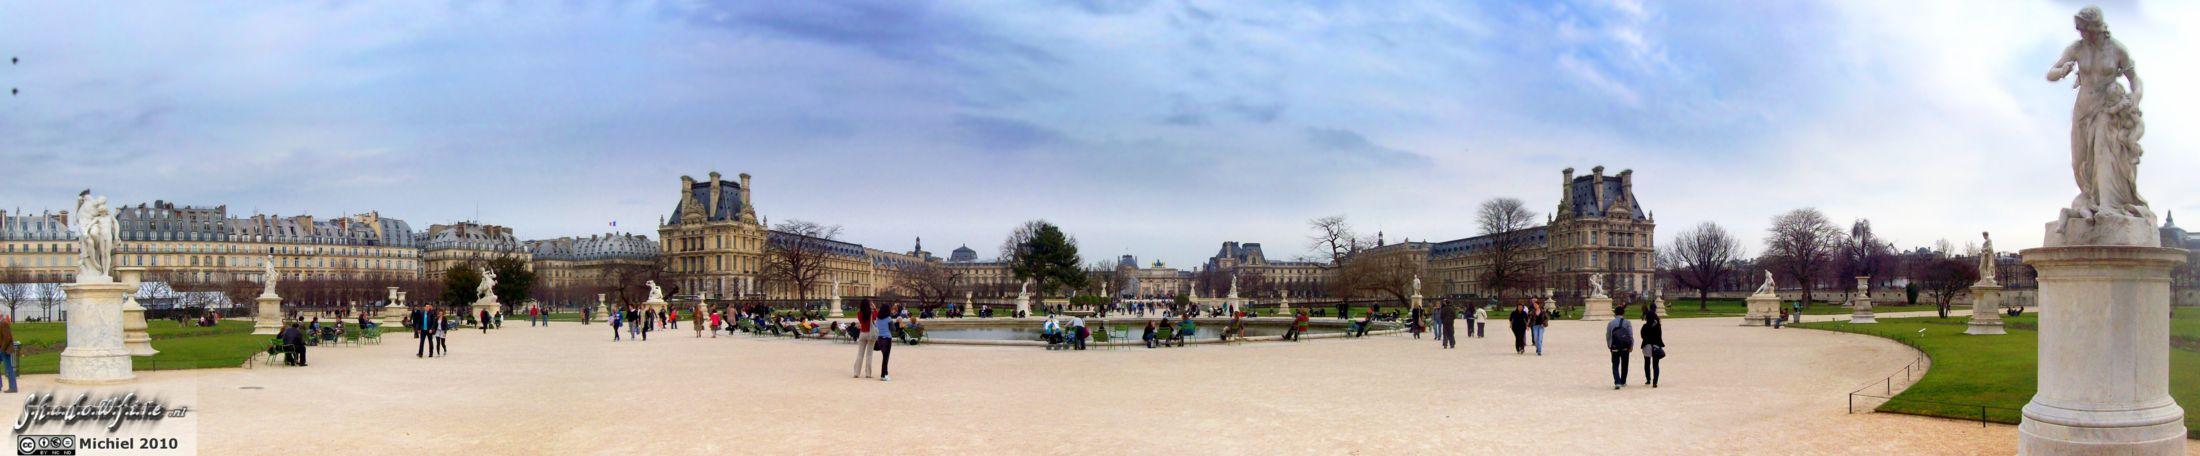 Jardin des tuileries panorama panorama photography world photos - Jardin des tuileries foire ...